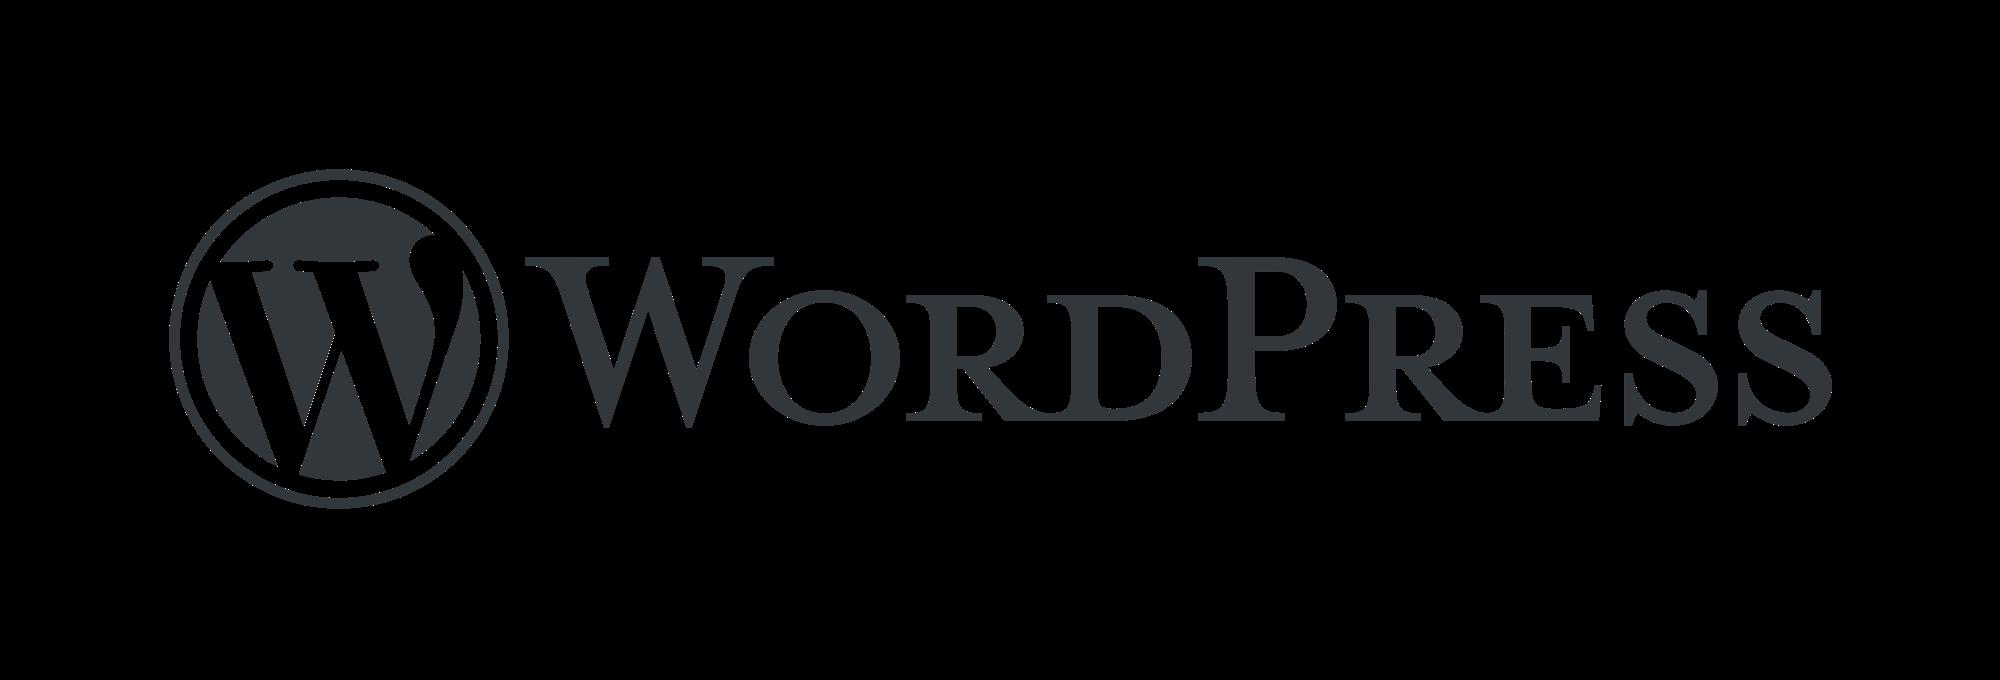 Erstellung Wordpress Homepage und Service